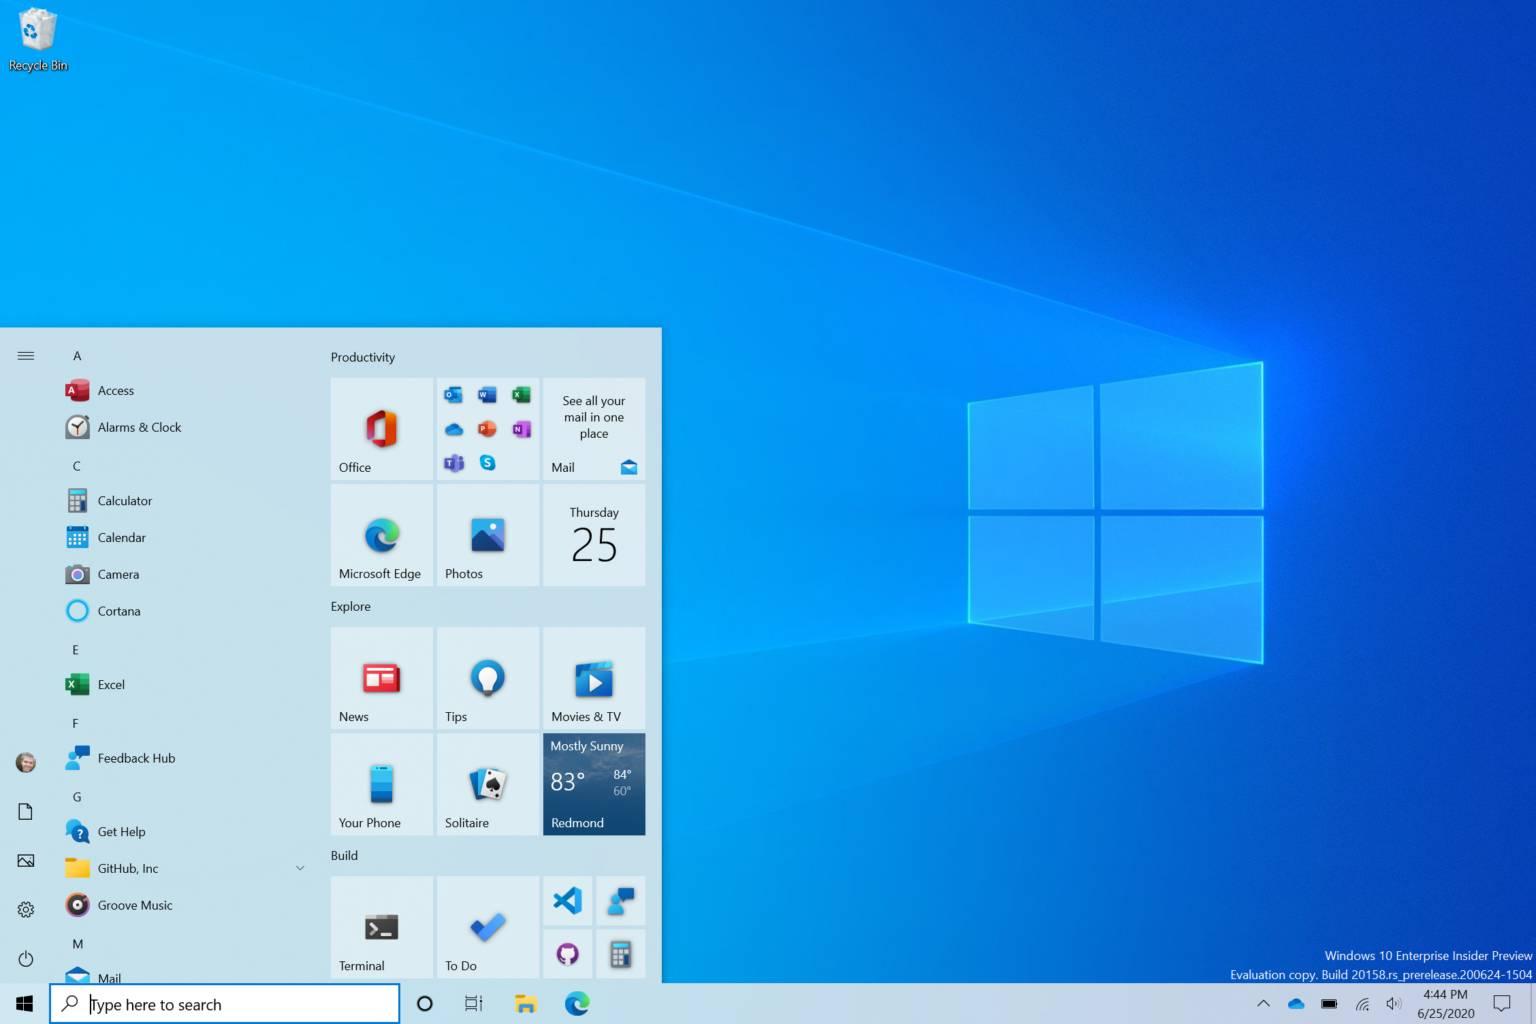 Nuevo menú inicio en el tema claro del canal Dev para la Build 20161 en Windows 10